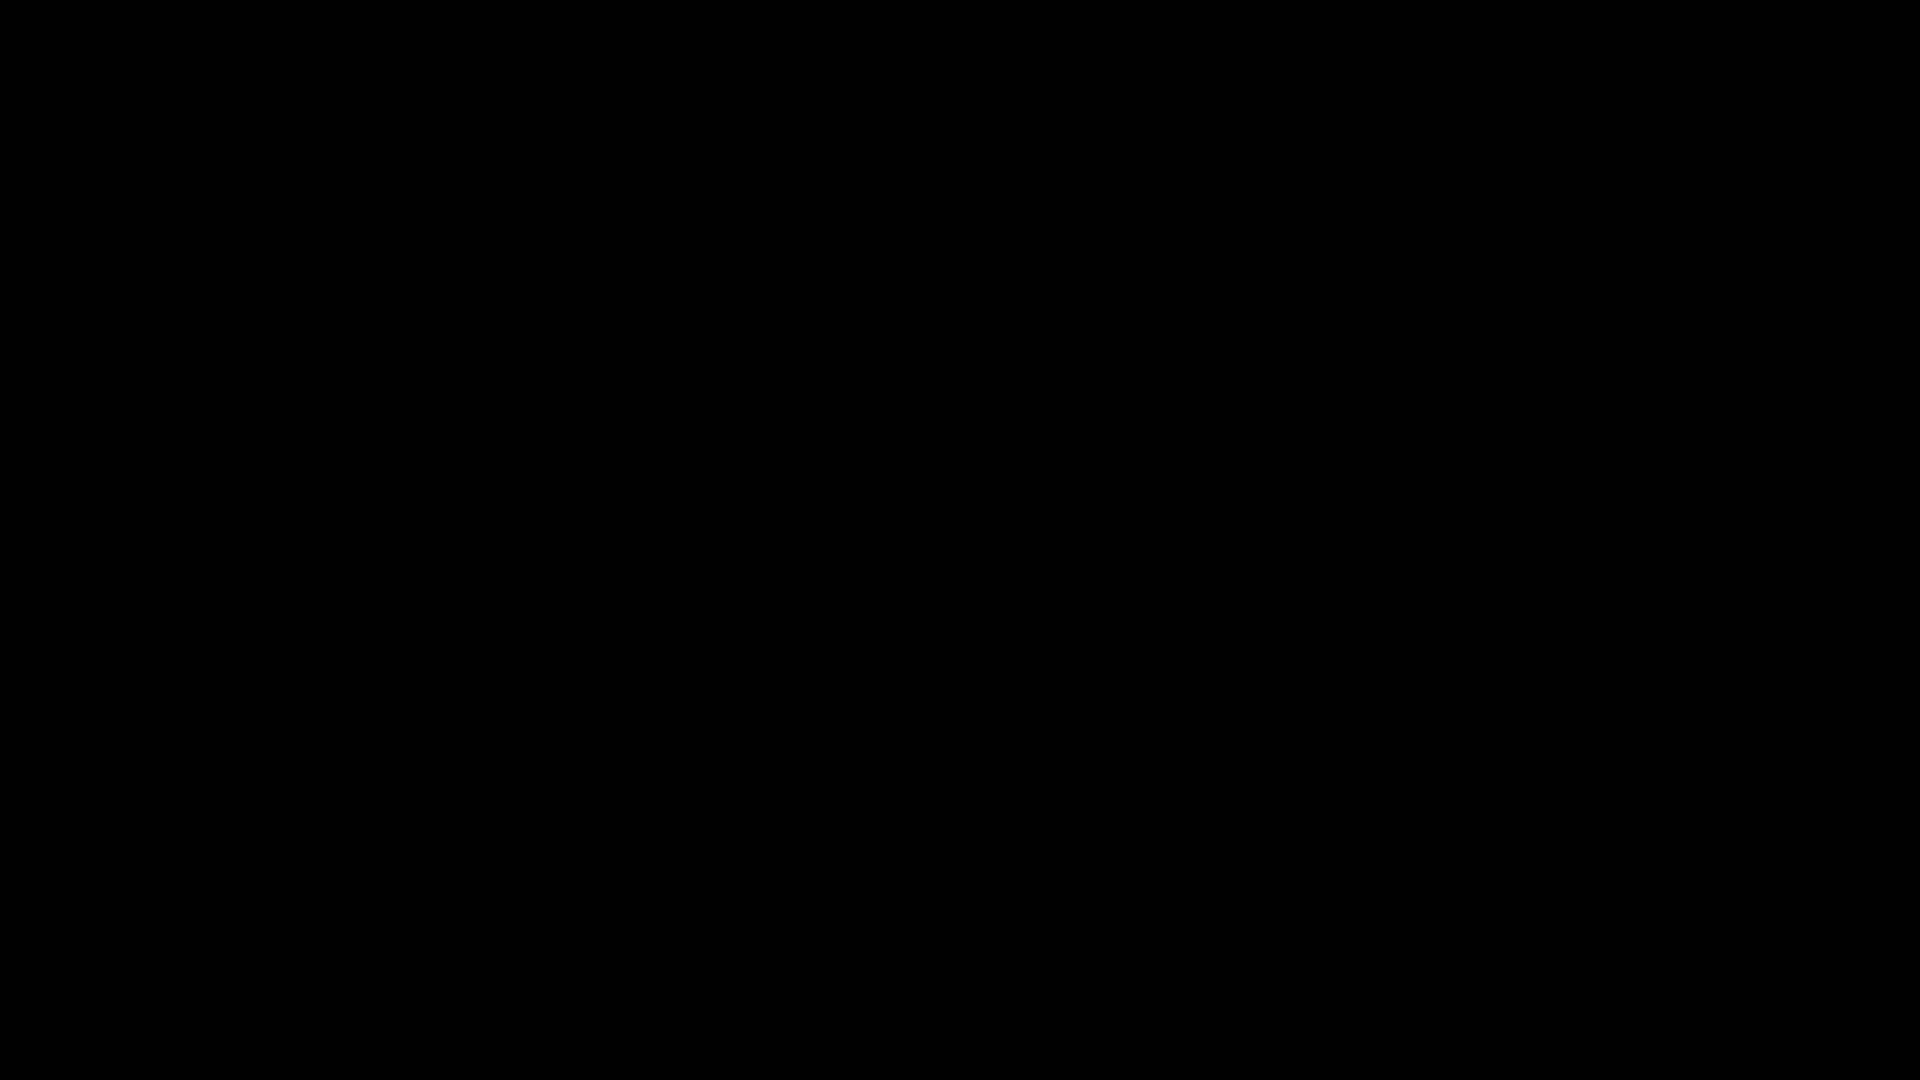 Ekolibi